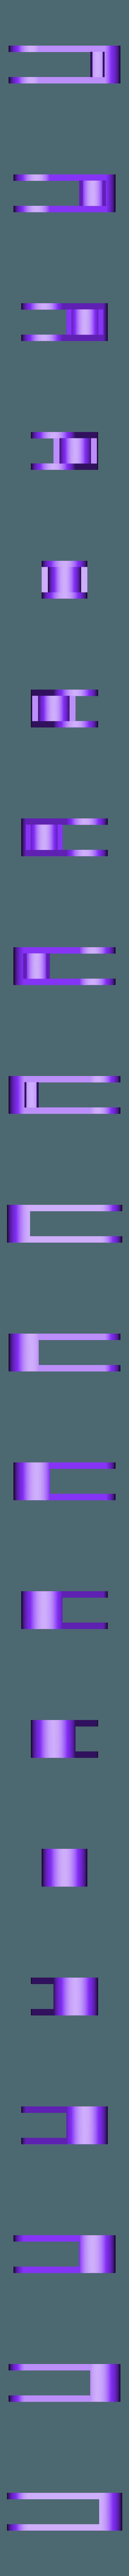 Chassis.stl Télécharger fichier STL gratuit Démonstrateur à pignon flottant • Objet imprimable en 3D, gzumwalt